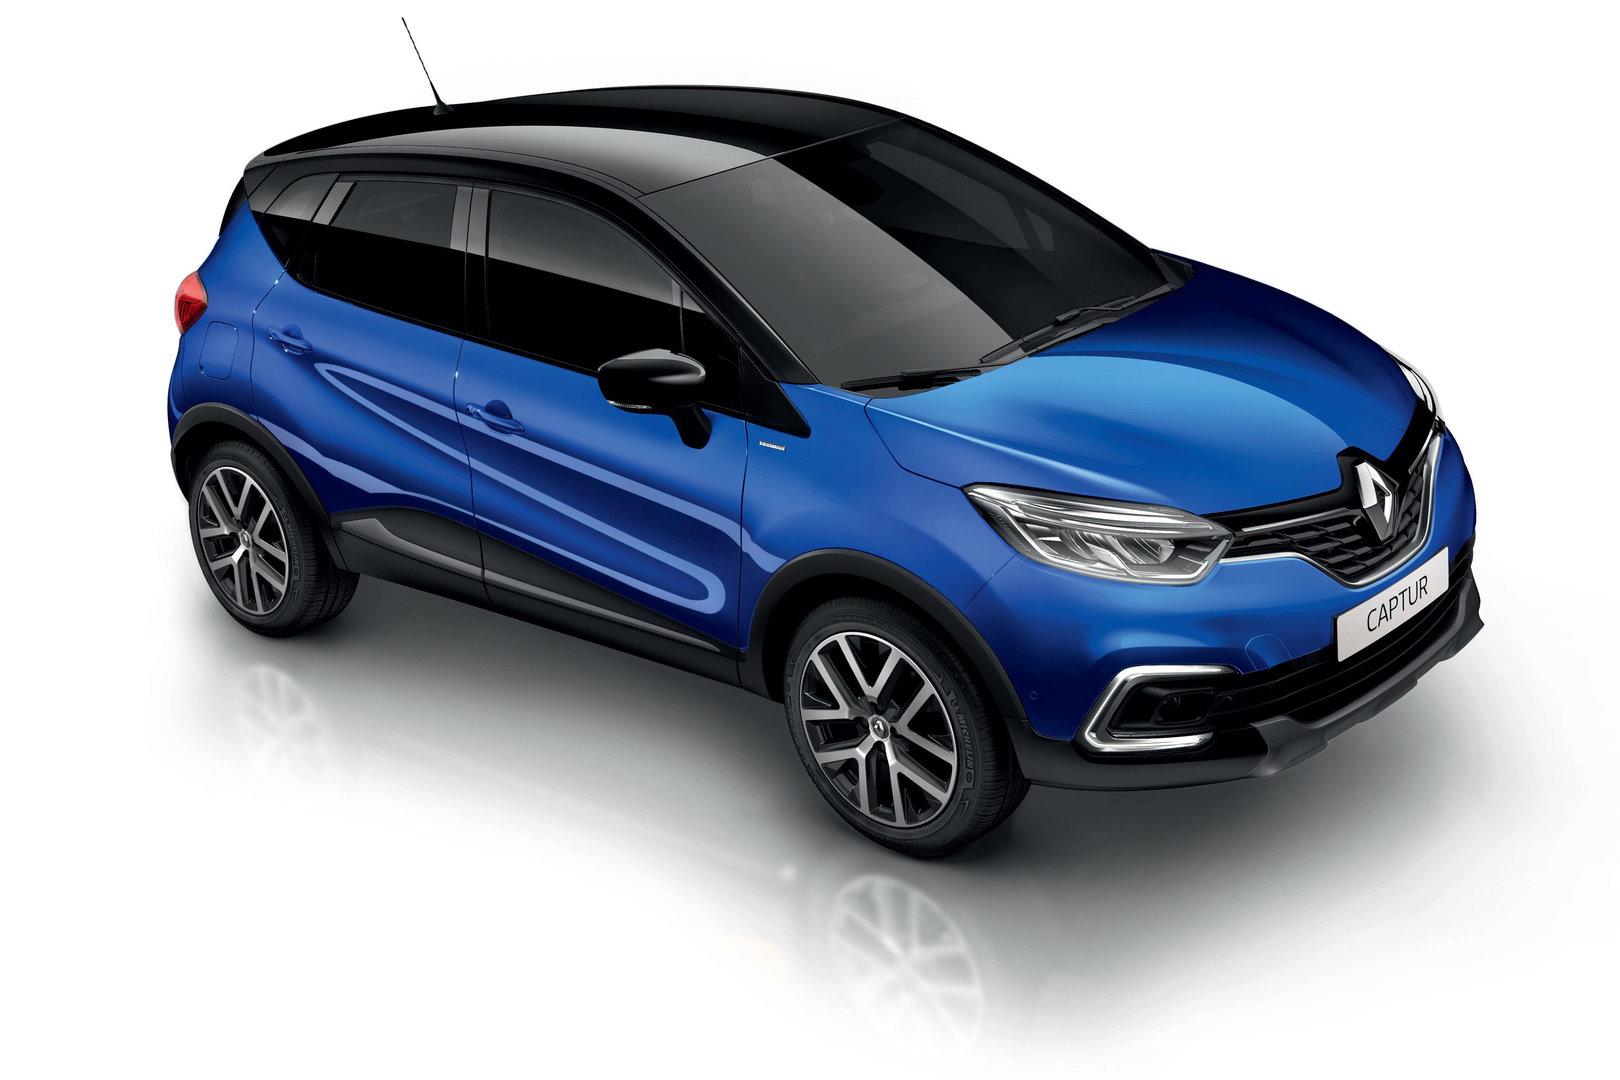 Renault Captur S-Edition, presuntamente deportivo